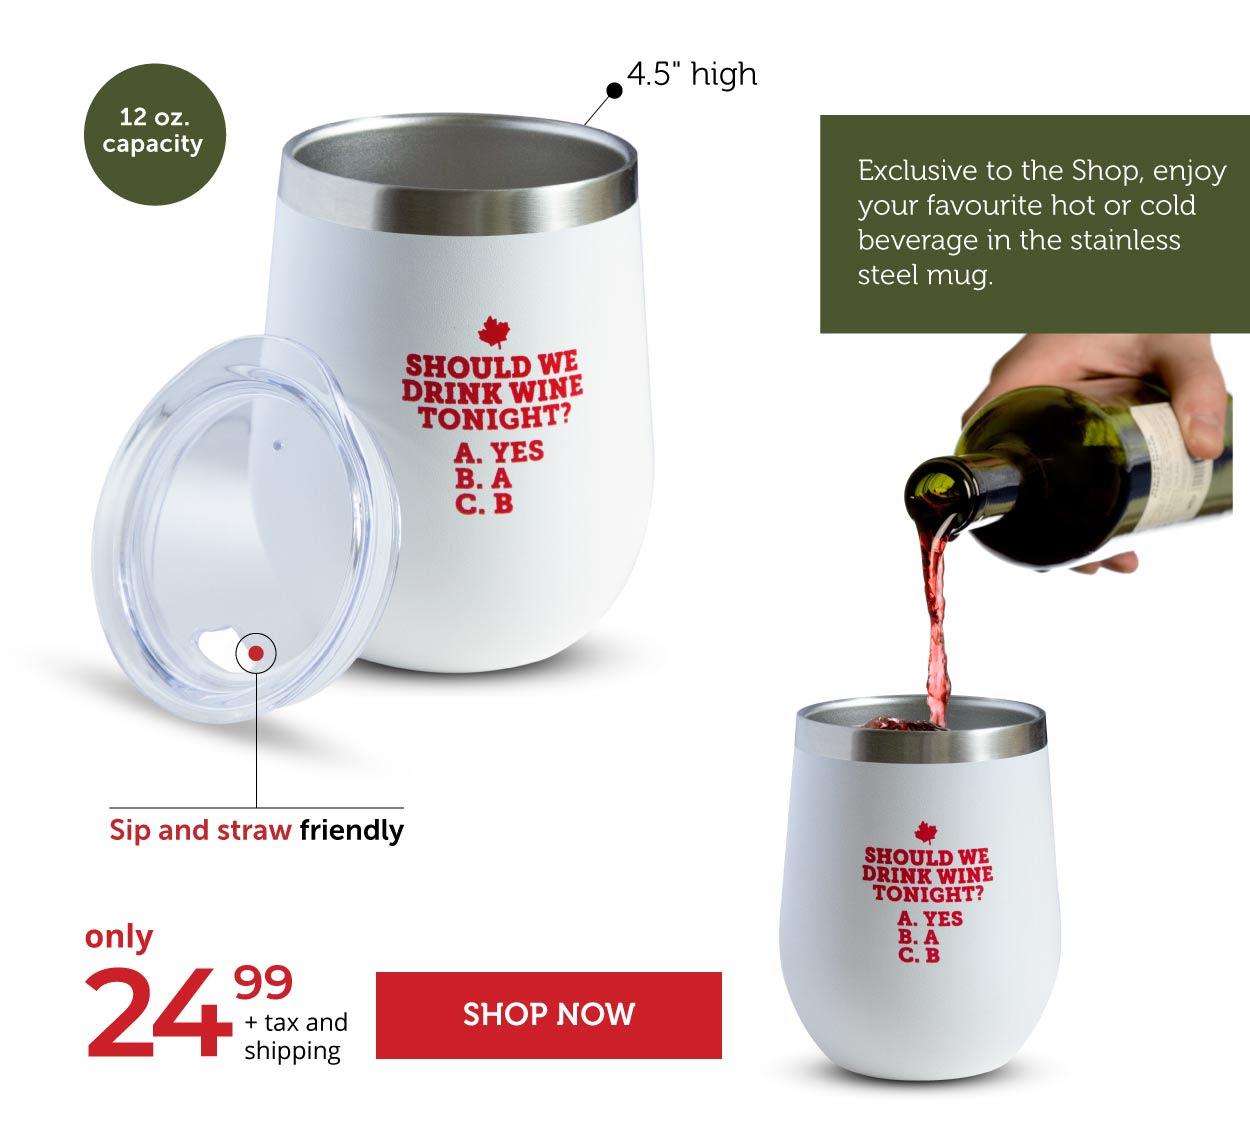 Wine-mug-2